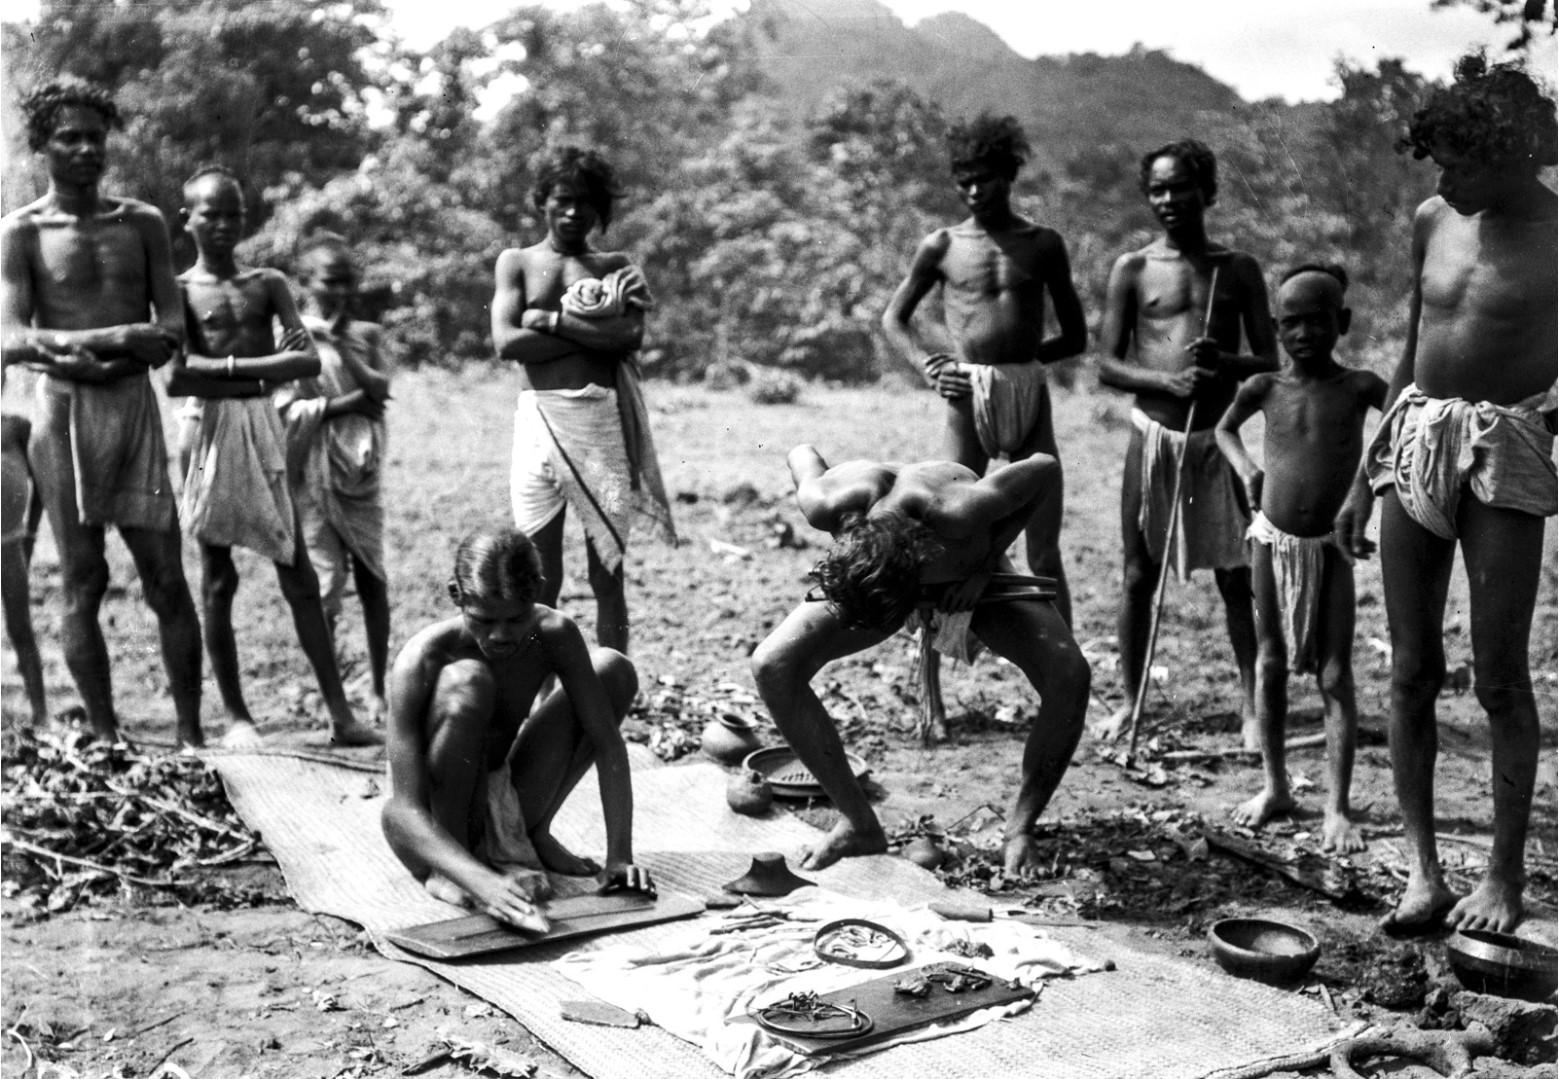 725. Орисса. Группа мужчин делает восковые фигуры